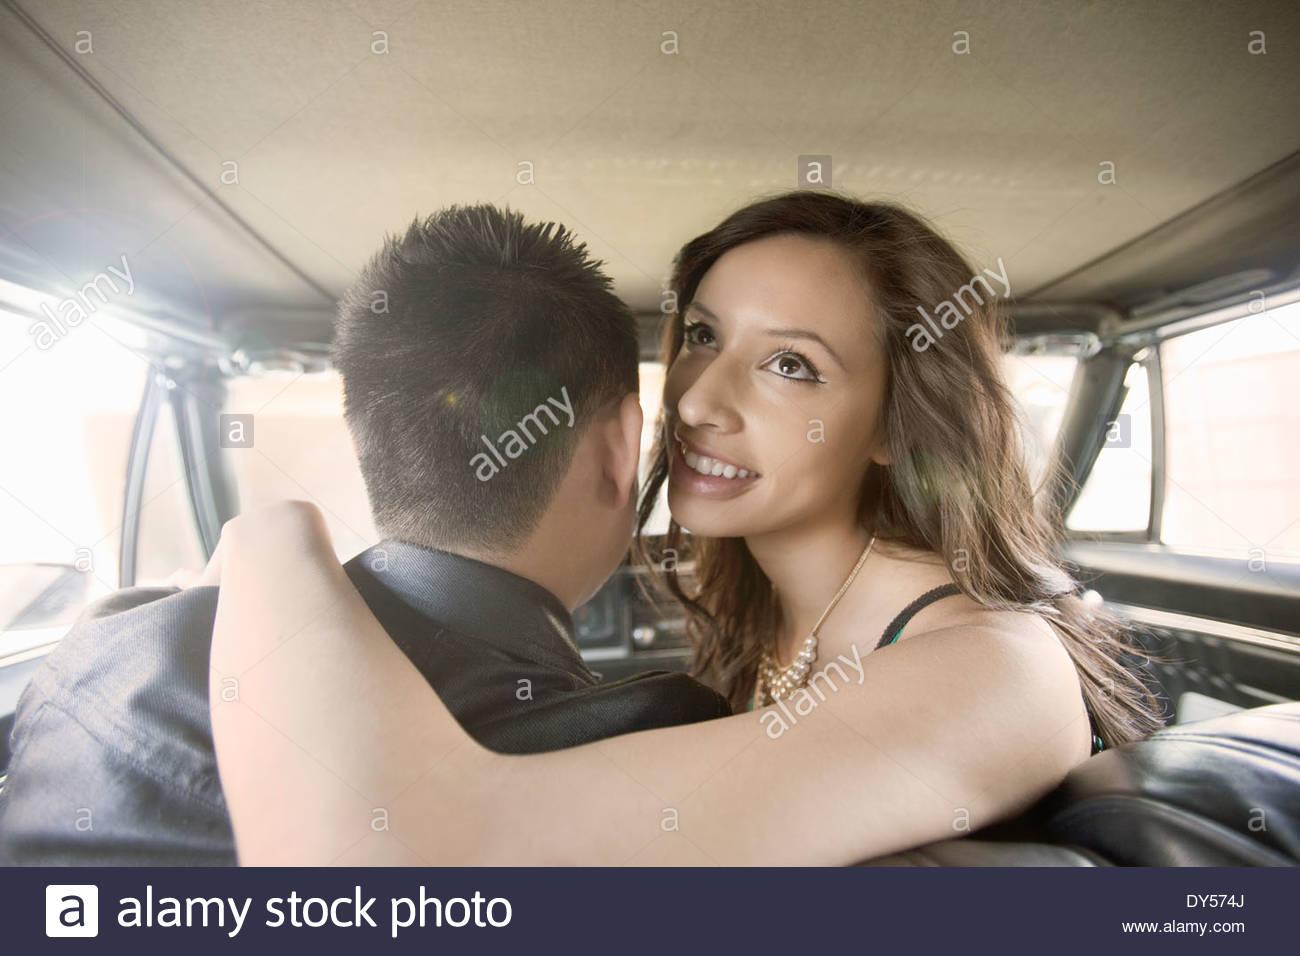 Jeune femme avec bras autour de petit ami sur le siège avant de la voiture Photo Stock